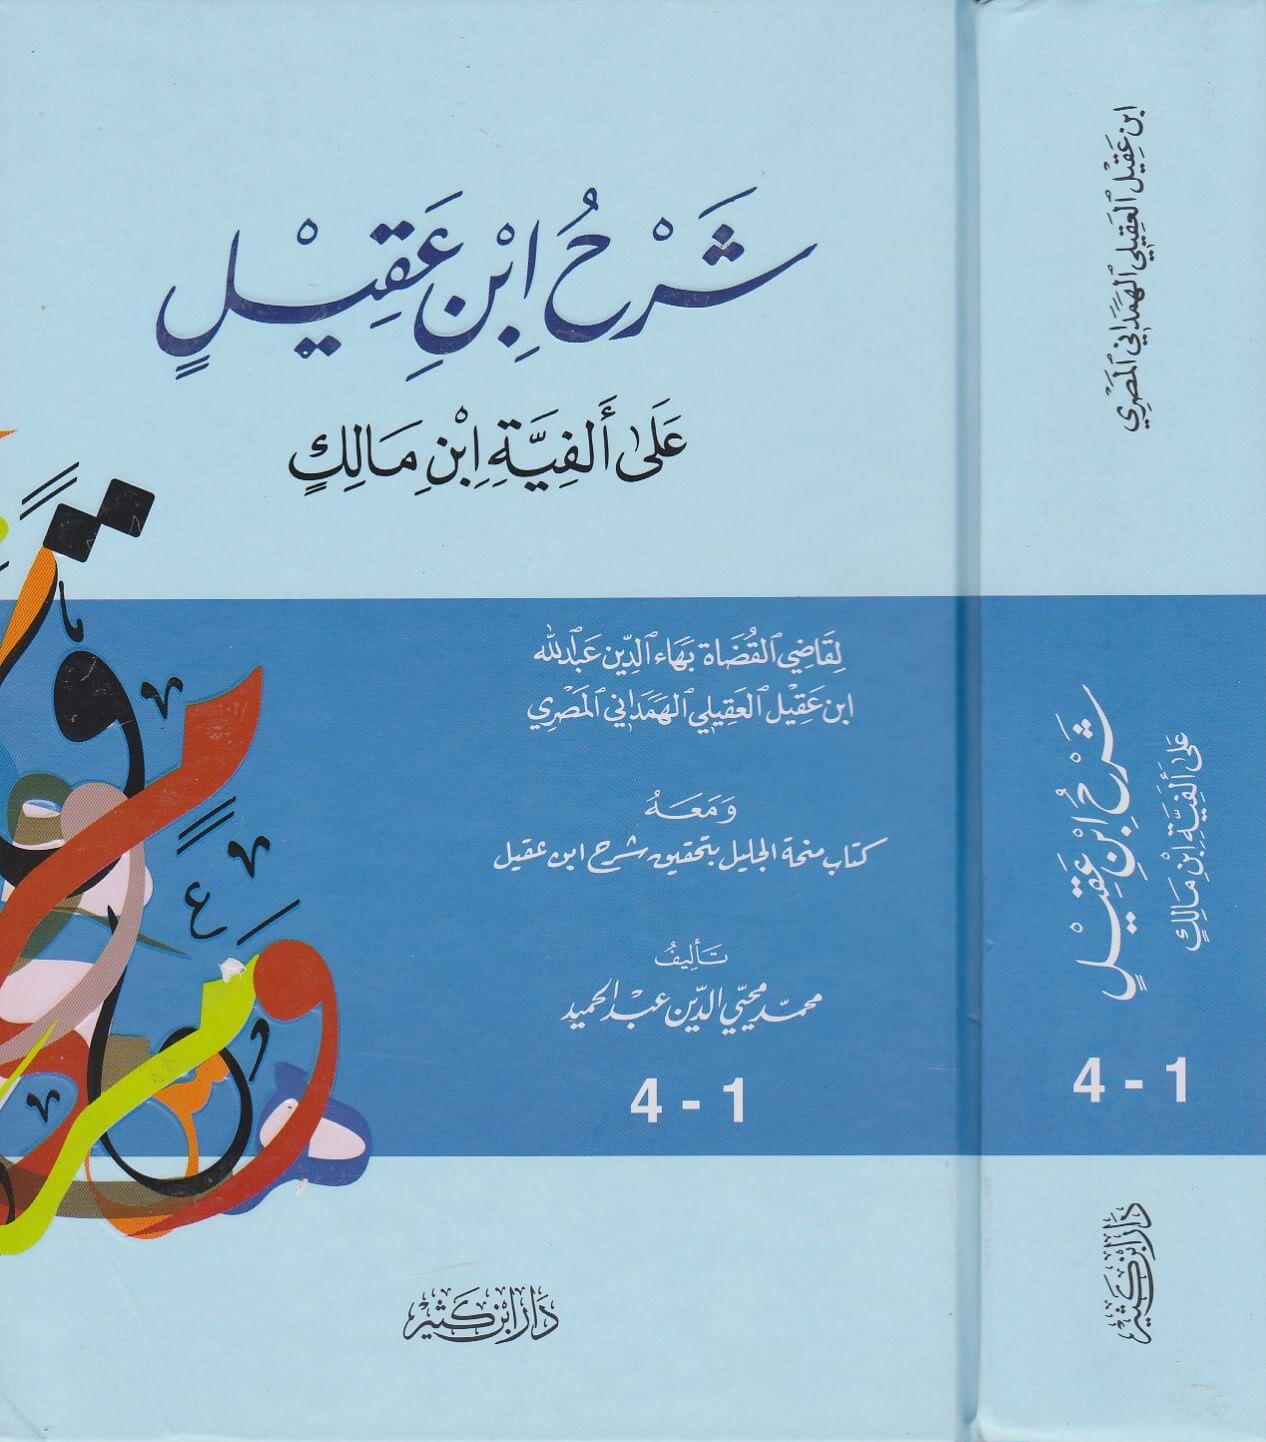 كتاب الفية ابن مالك شرح ابن عقيل